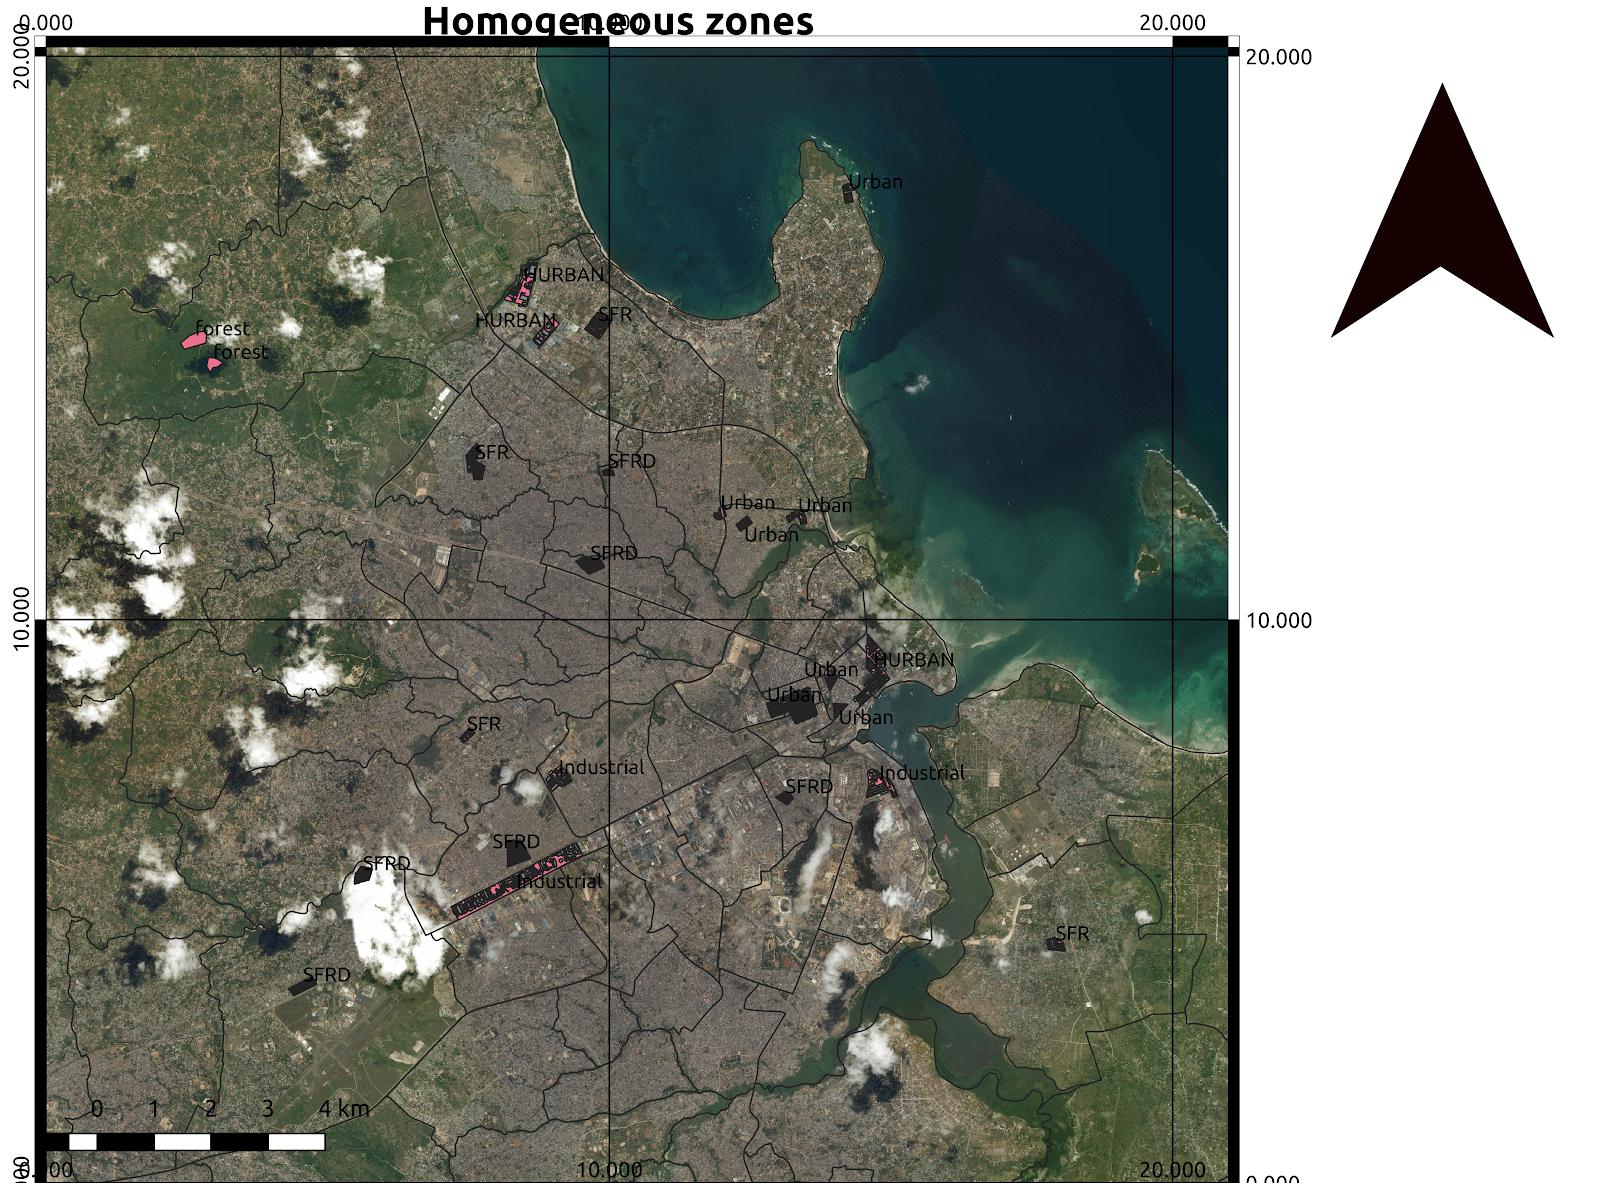 homoegenous zones 2.png